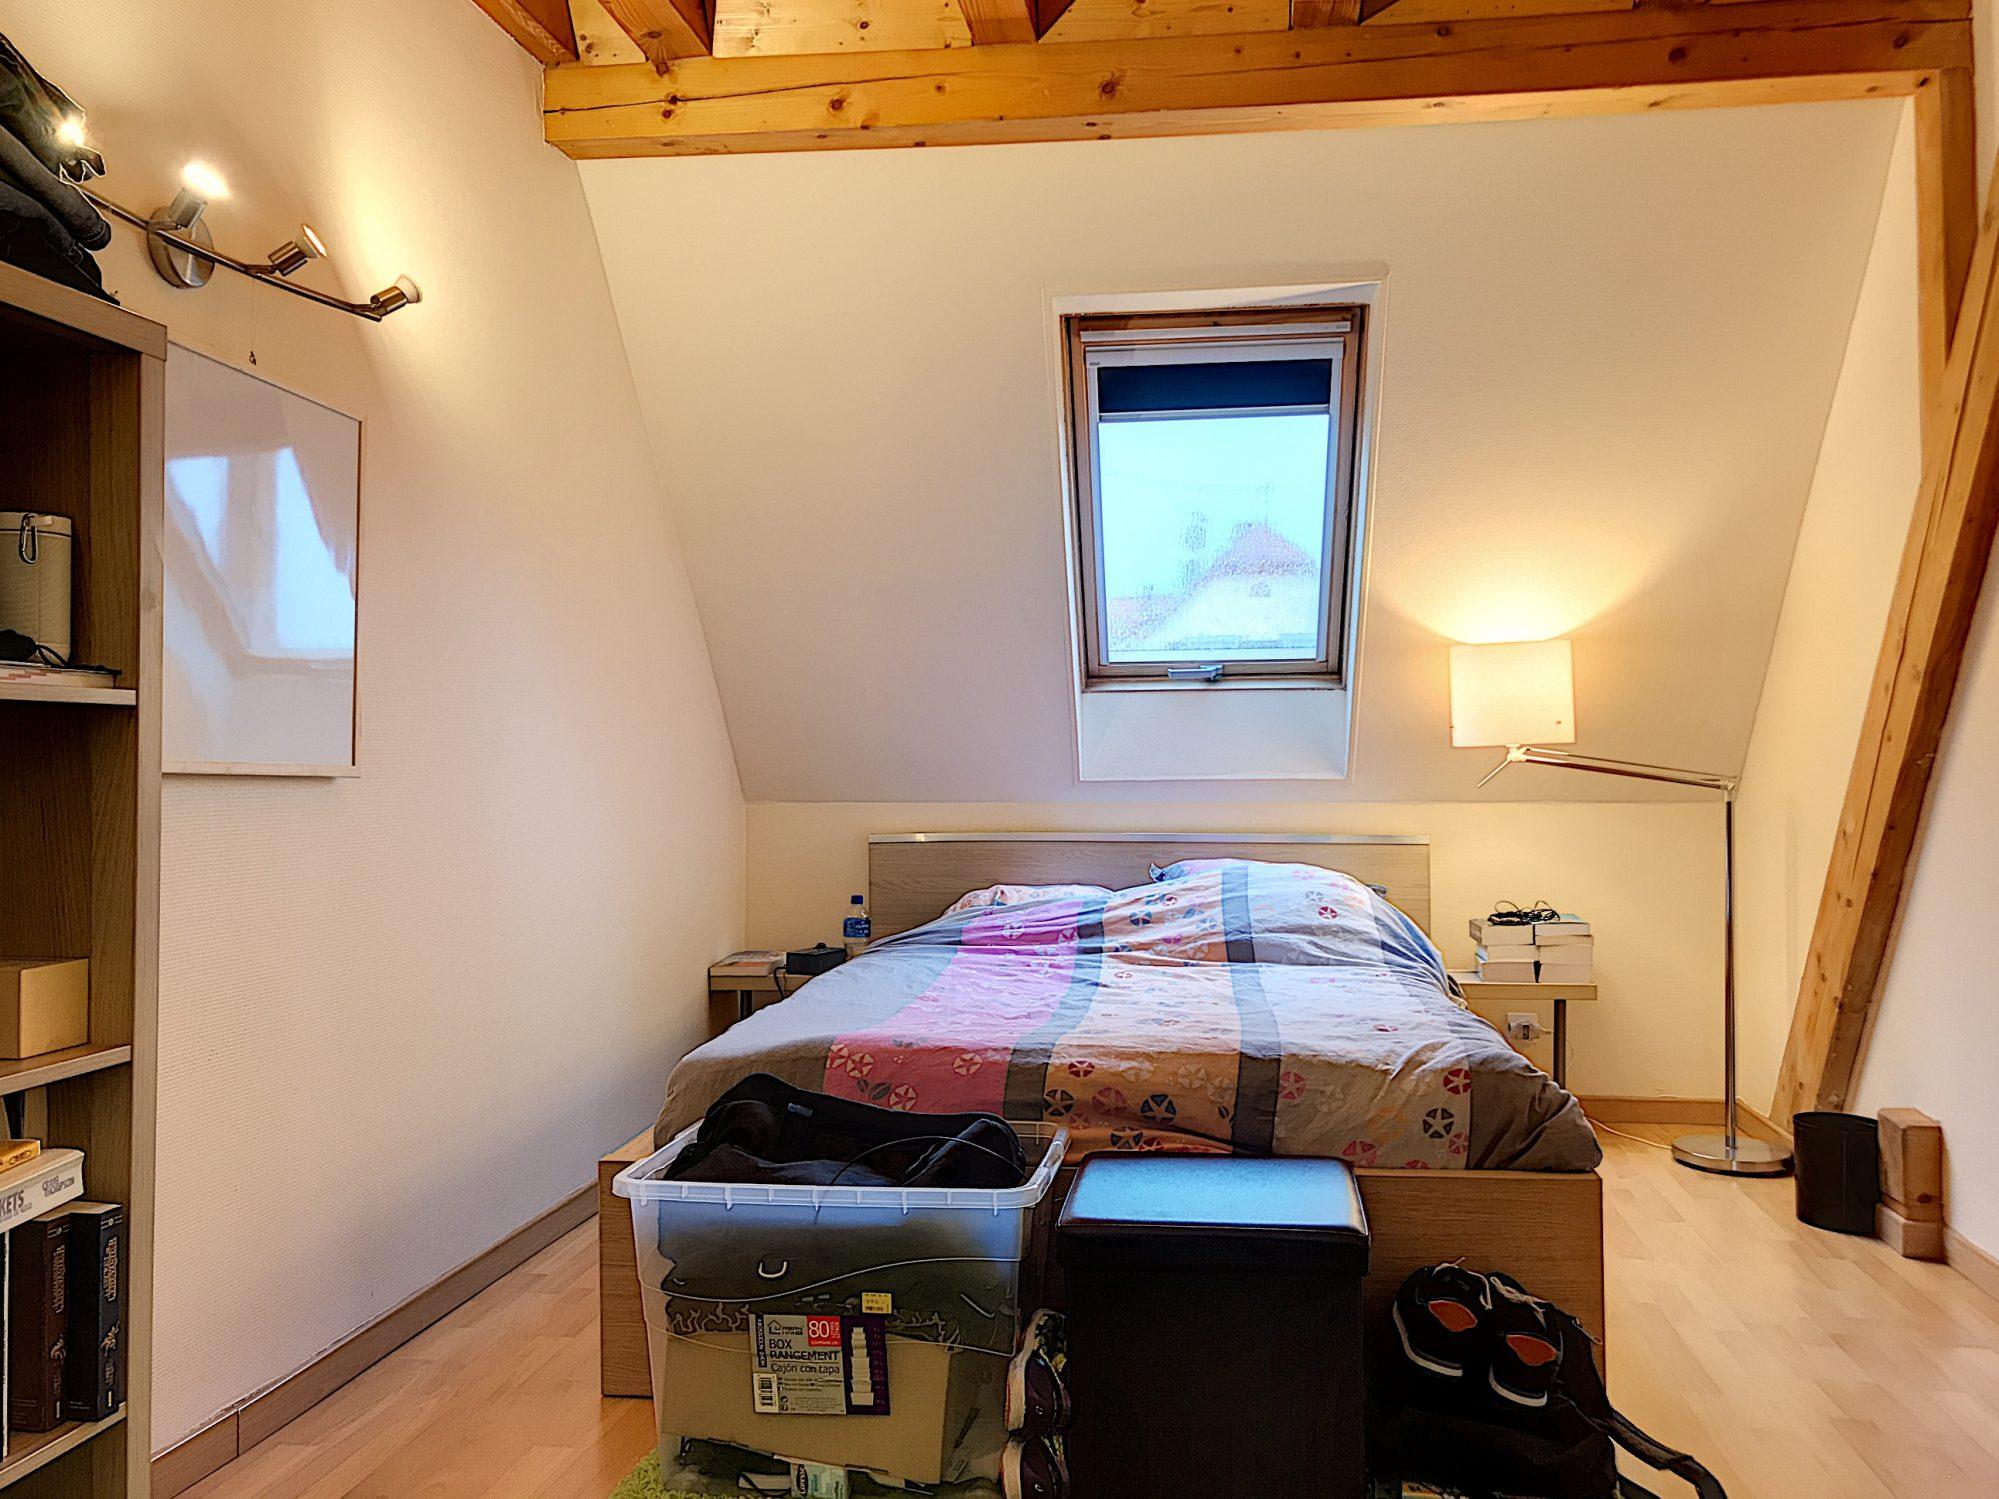 MAISON D'ARCHITECTE DE 7 PIÈCES - Devenez propriétaire en toute confiance - Bintz Immobilier - 9